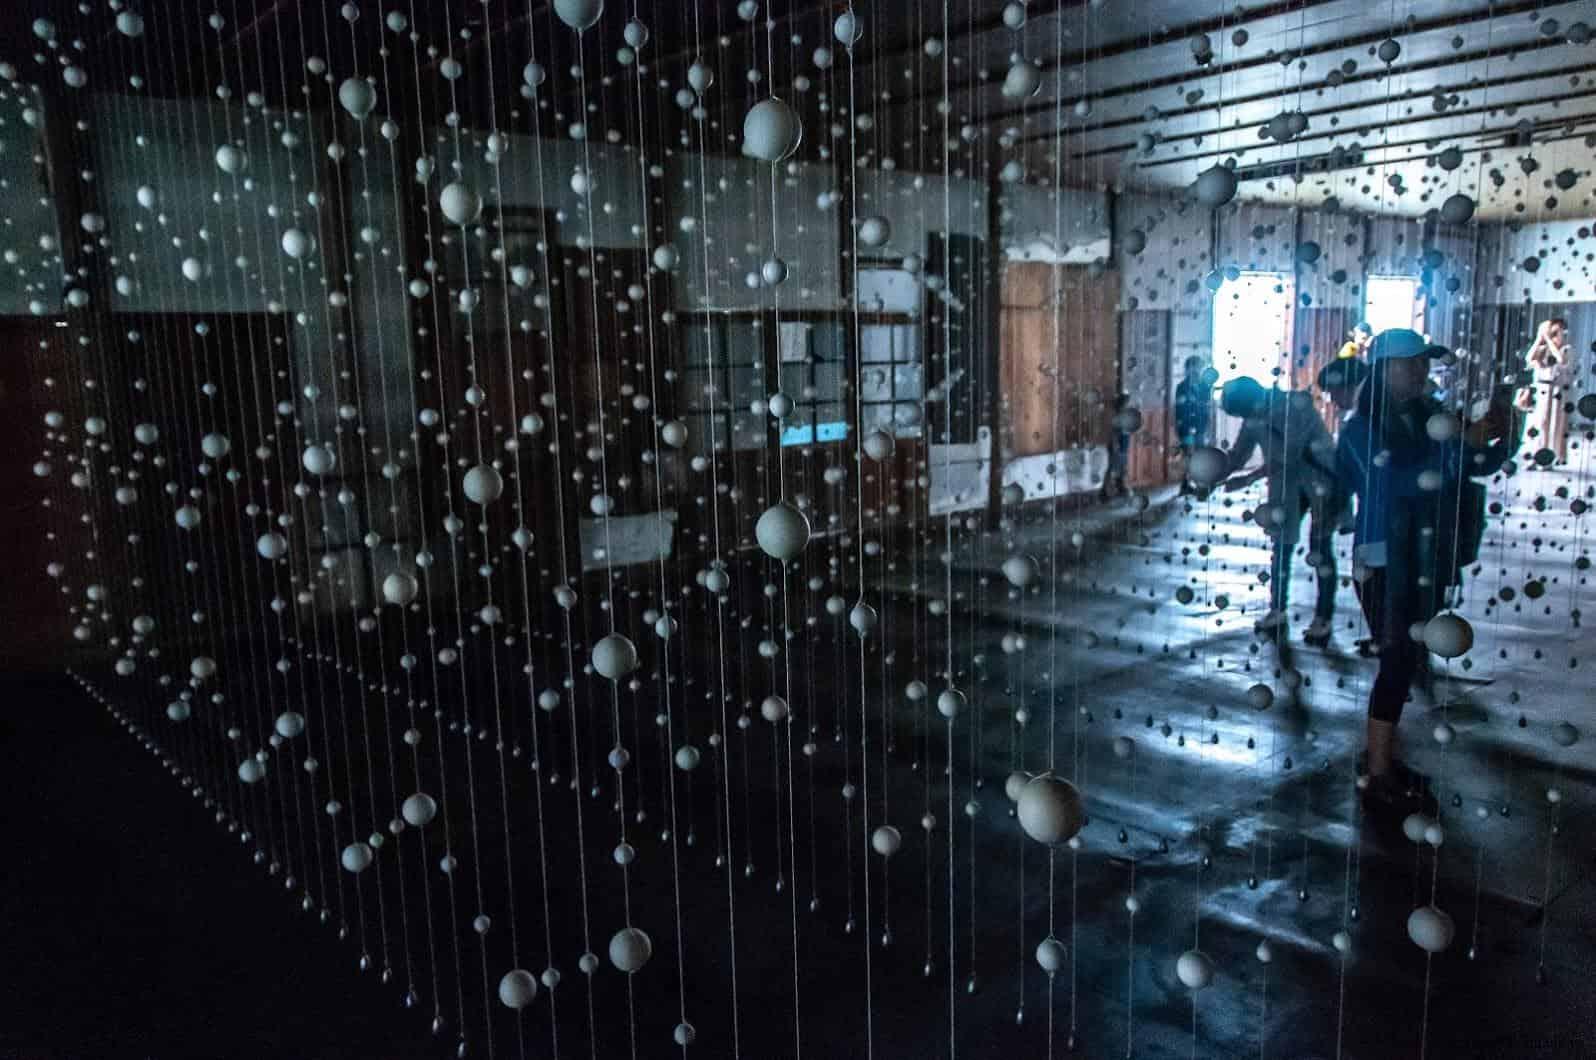 達米安‧奧爾特加,Warp Cloud,穿梭於藝術作品中,觀者看作品,也變成作品被別人看 warp cloud Warp Cloud warp cloud 03